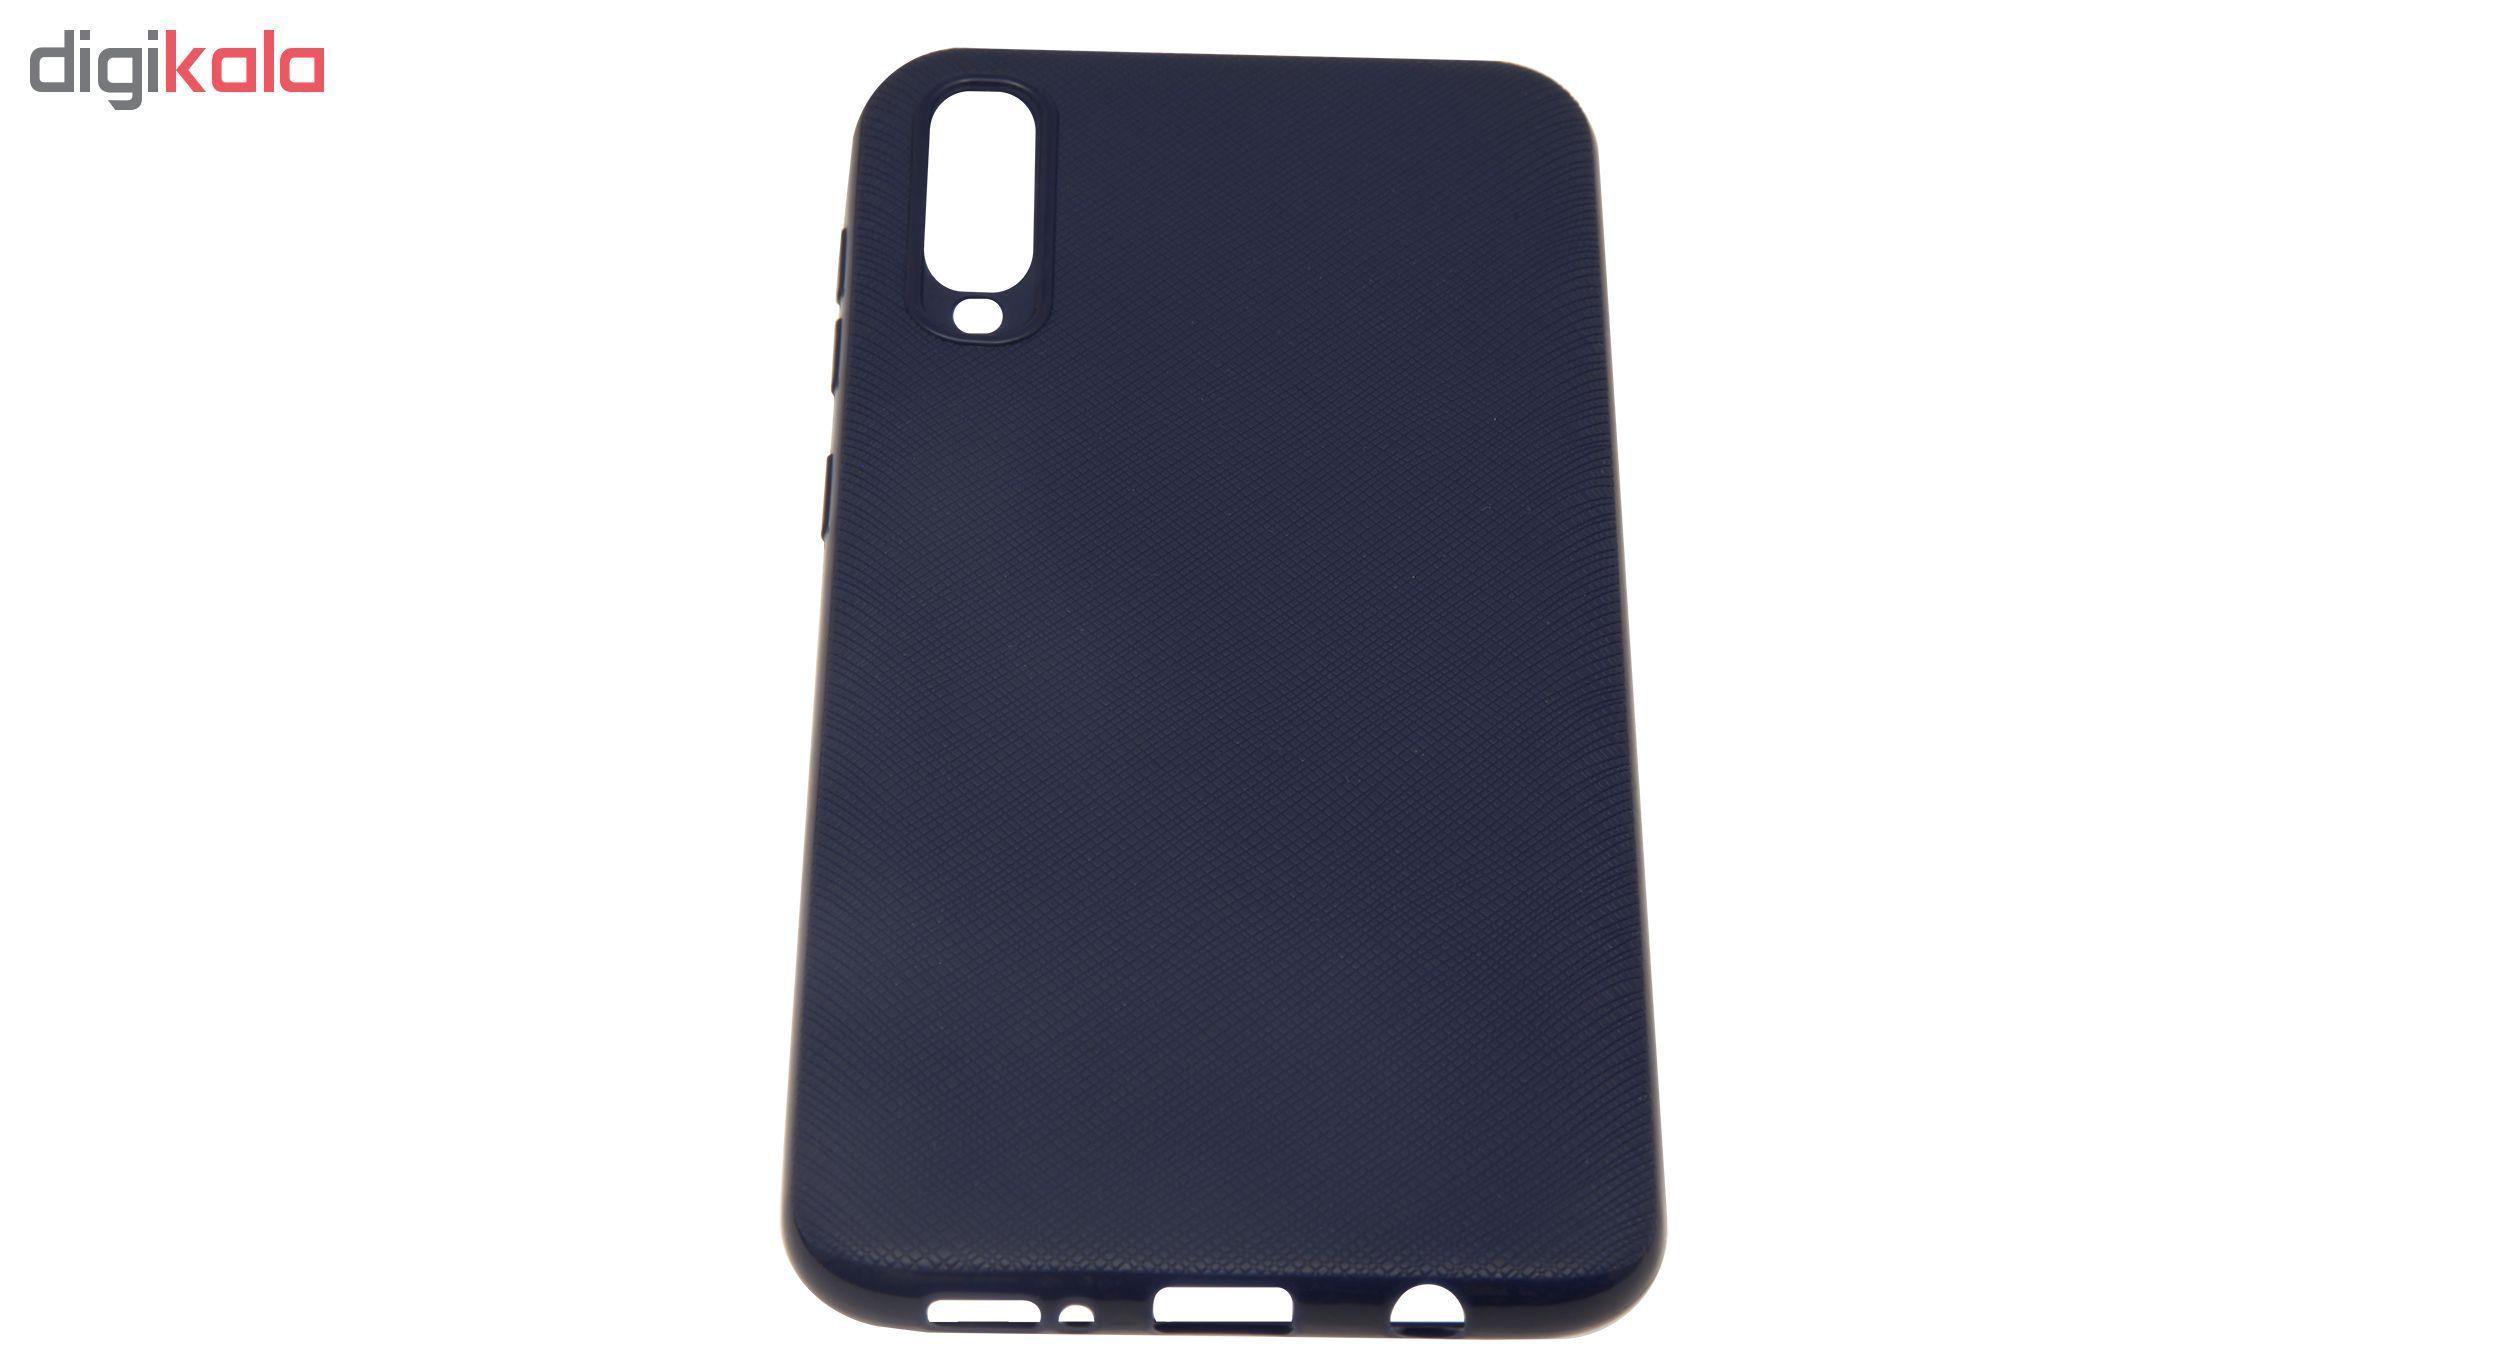 کاور سومگ مدل SC-i001 مناسب برای گوشی موبایل سامسونگ Galaxy A50 main 1 5